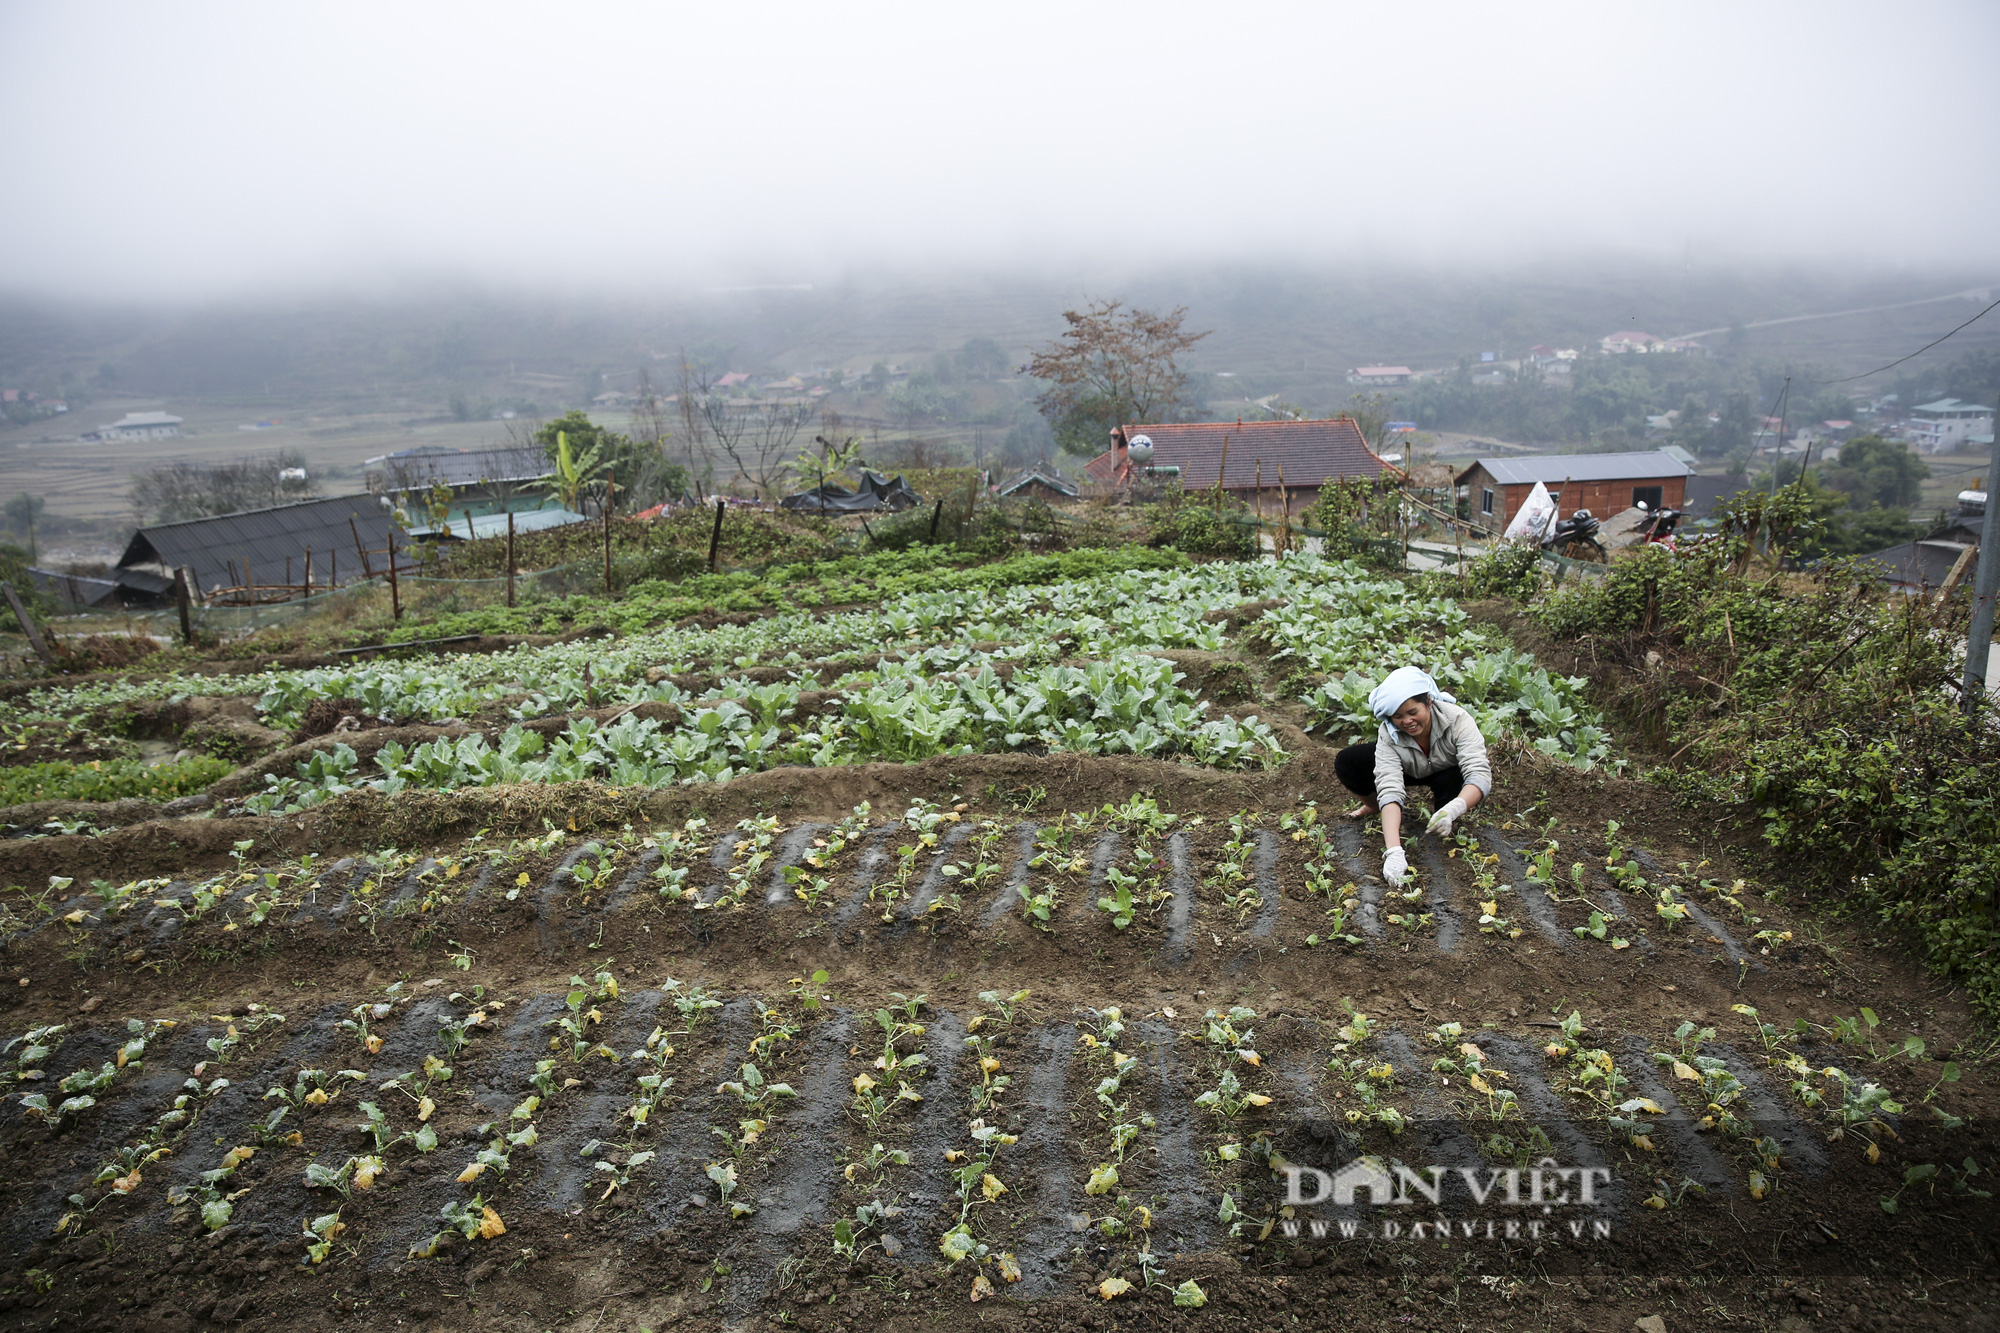 """Nông dân Sa Pa """"căng mình"""" bảo vệ cây trồng, vật nuôi trước nguy cơ xuất hiện mưa tuyết - Ảnh 1."""